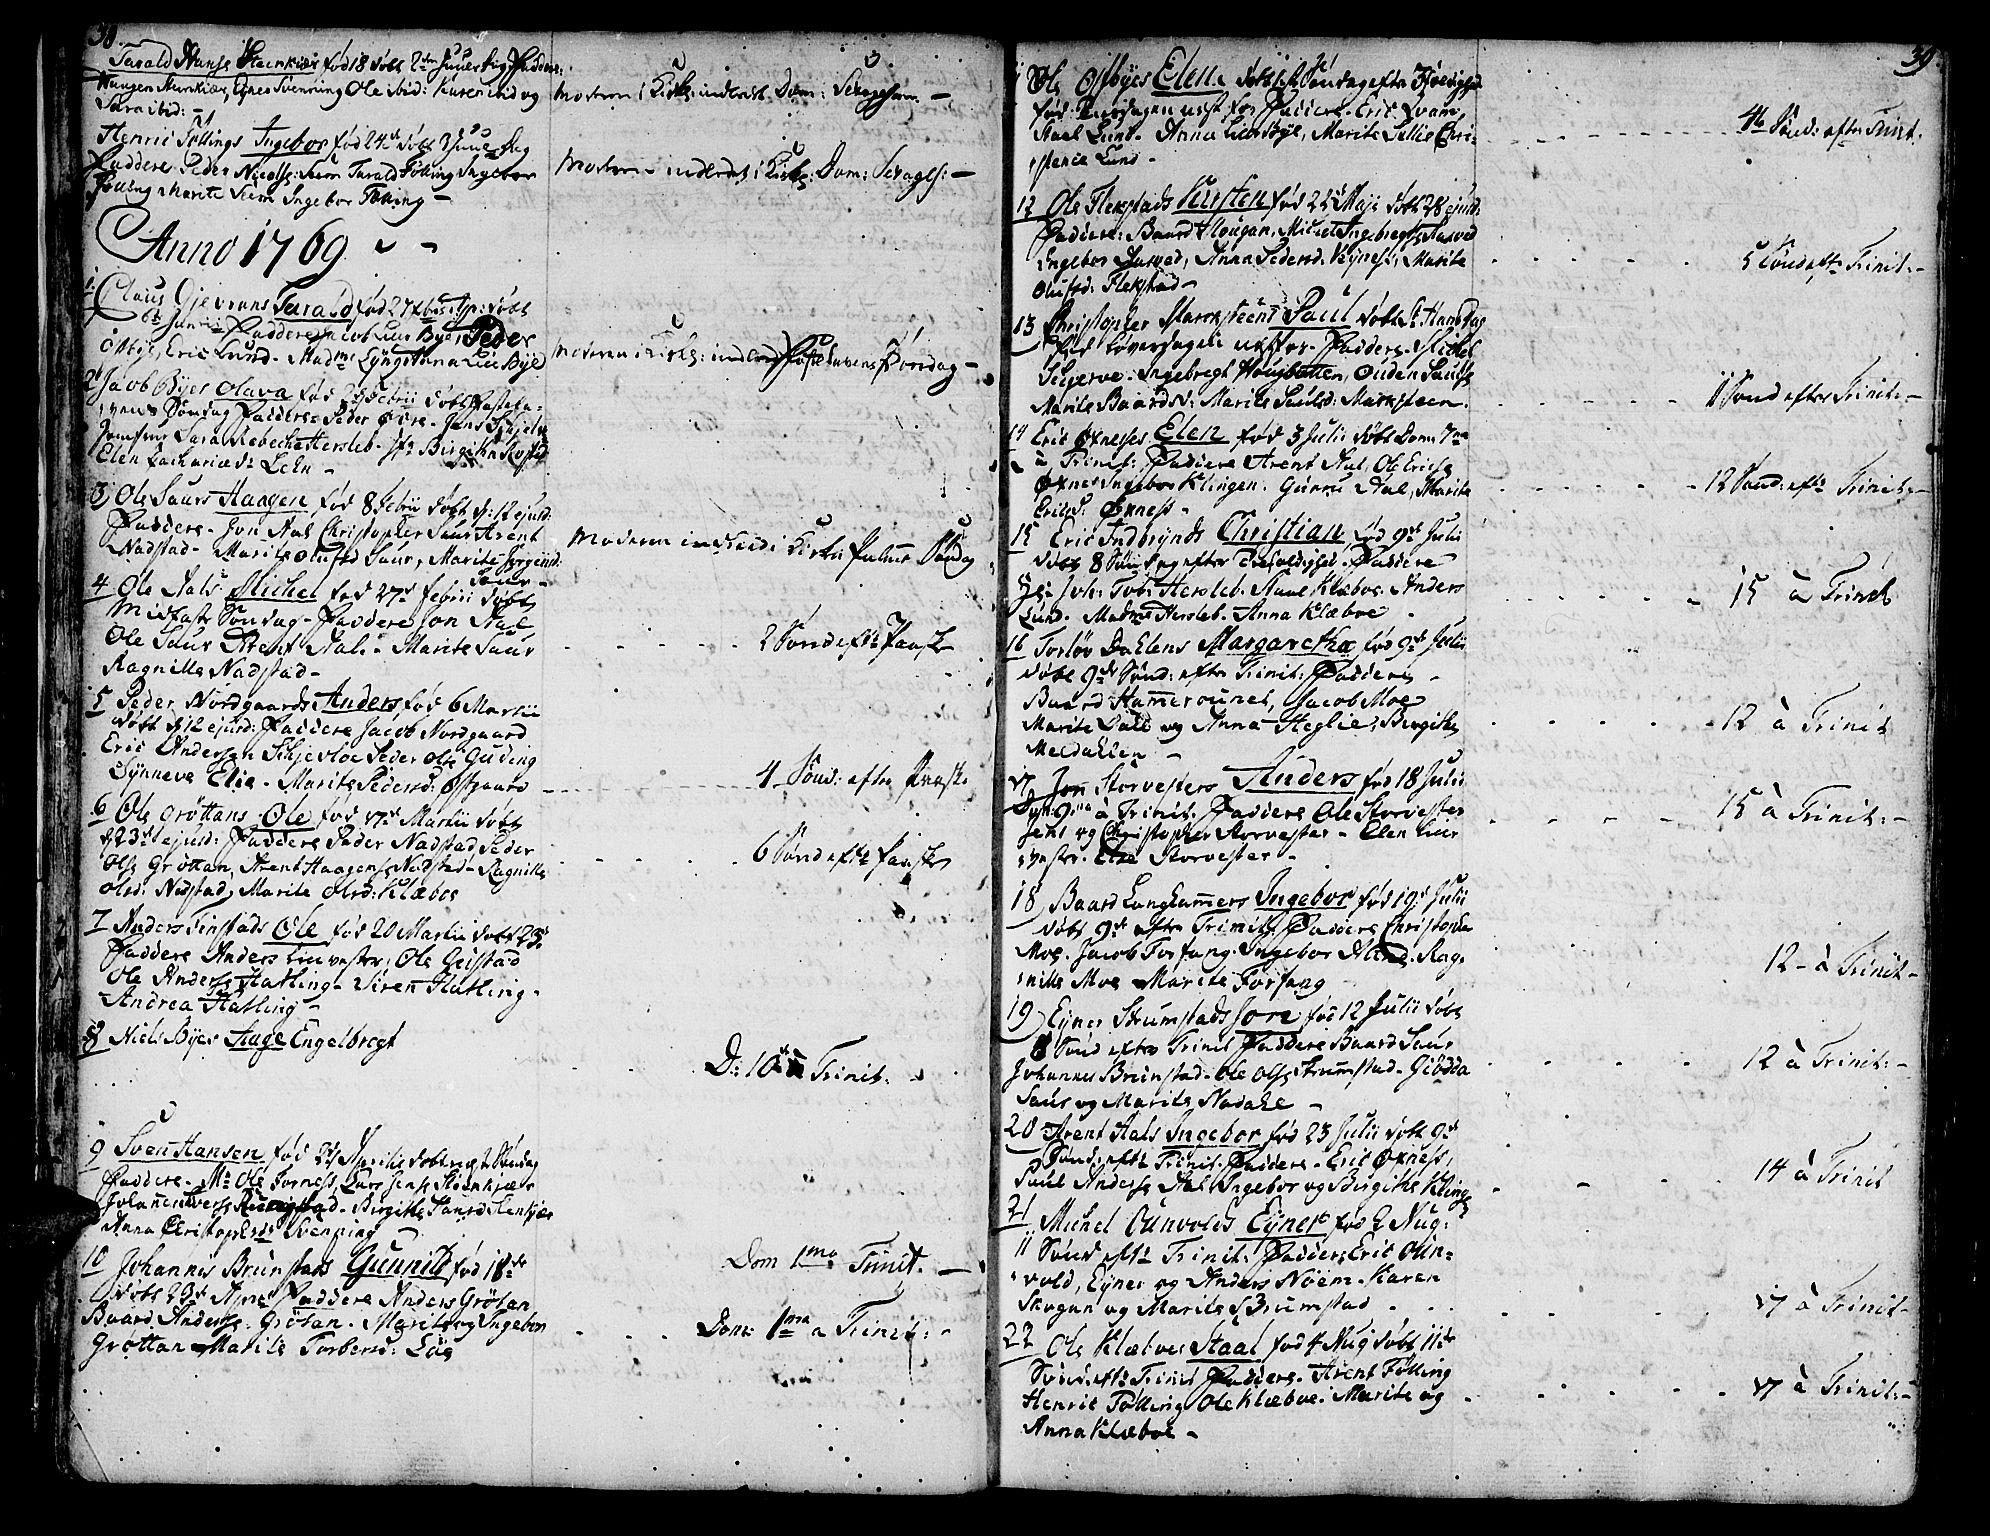 SAT, Ministerialprotokoller, klokkerbøker og fødselsregistre - Nord-Trøndelag, 746/L0440: Ministerialbok nr. 746A02, 1760-1815, s. 38-39